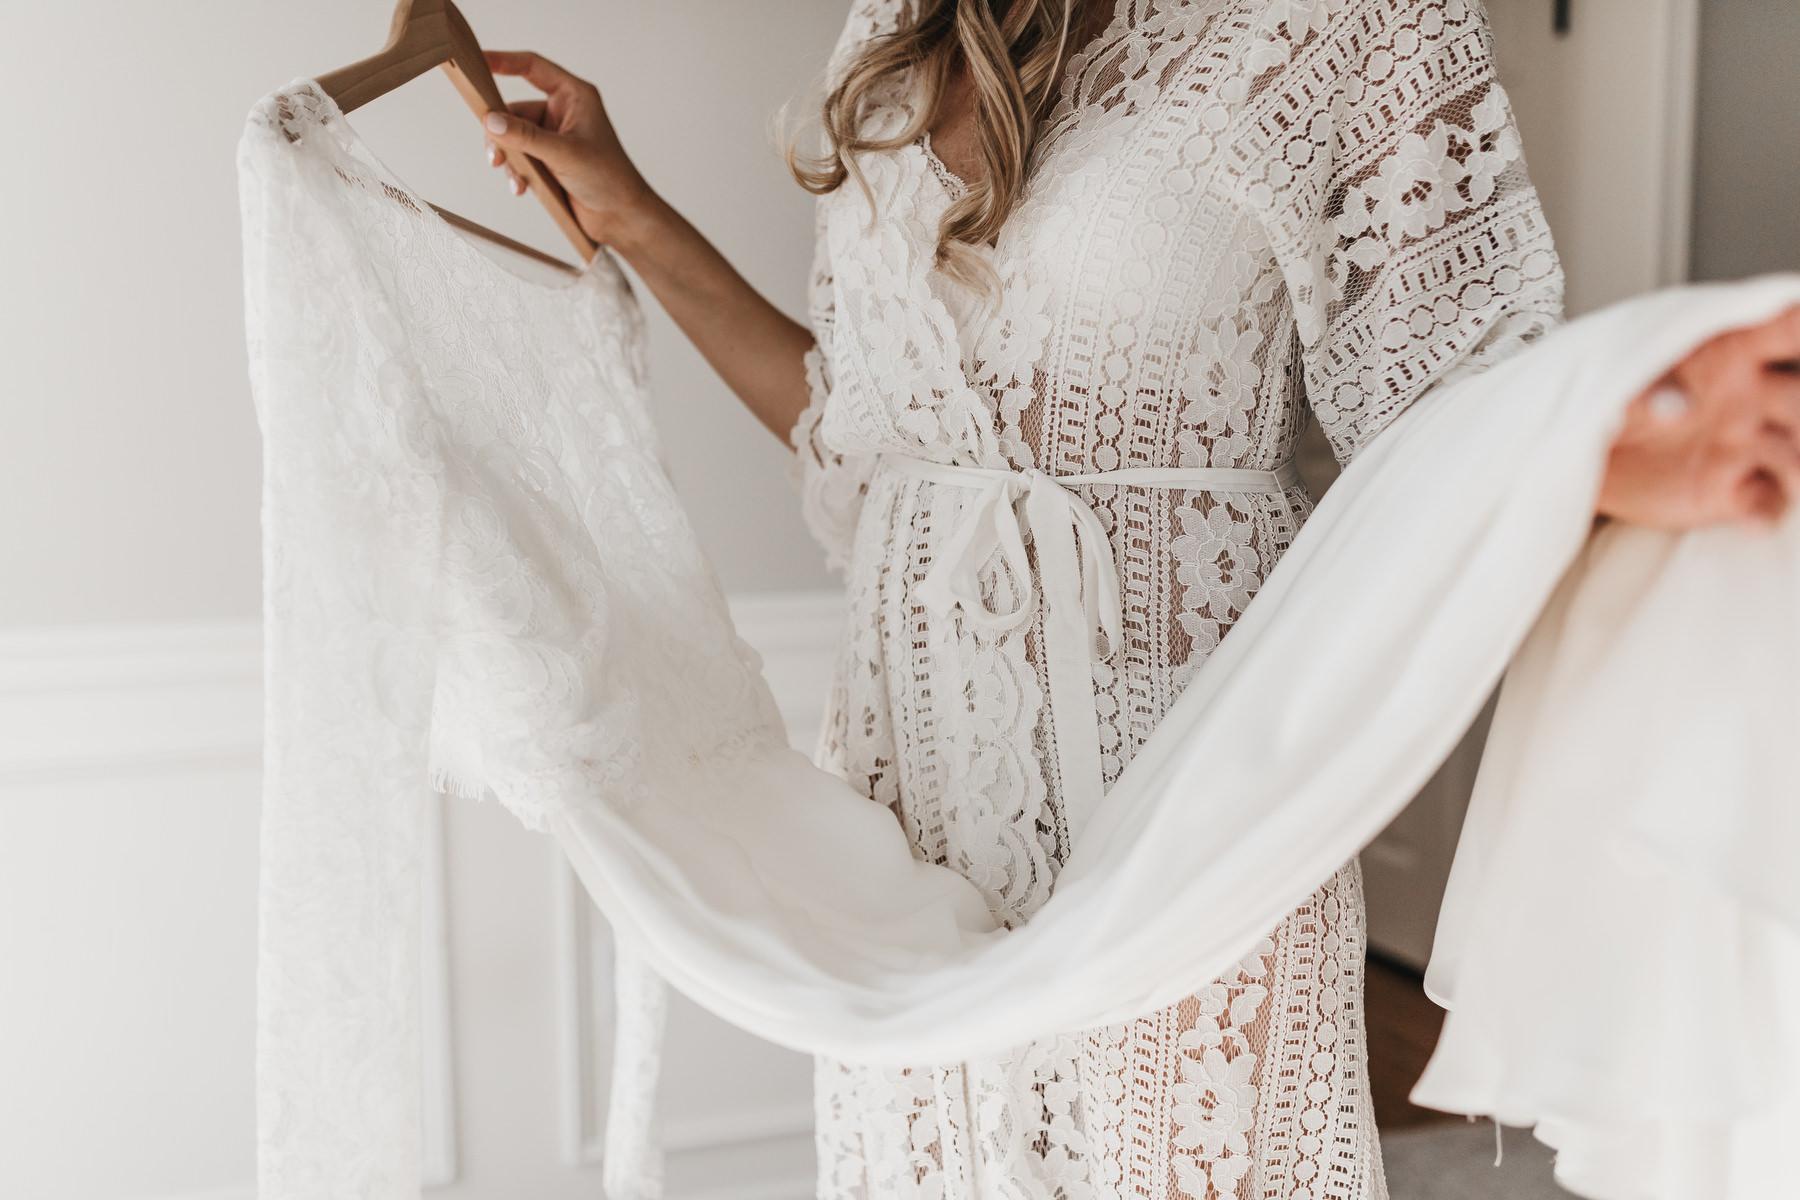 Bruid met haar trouwjurk in haar handen